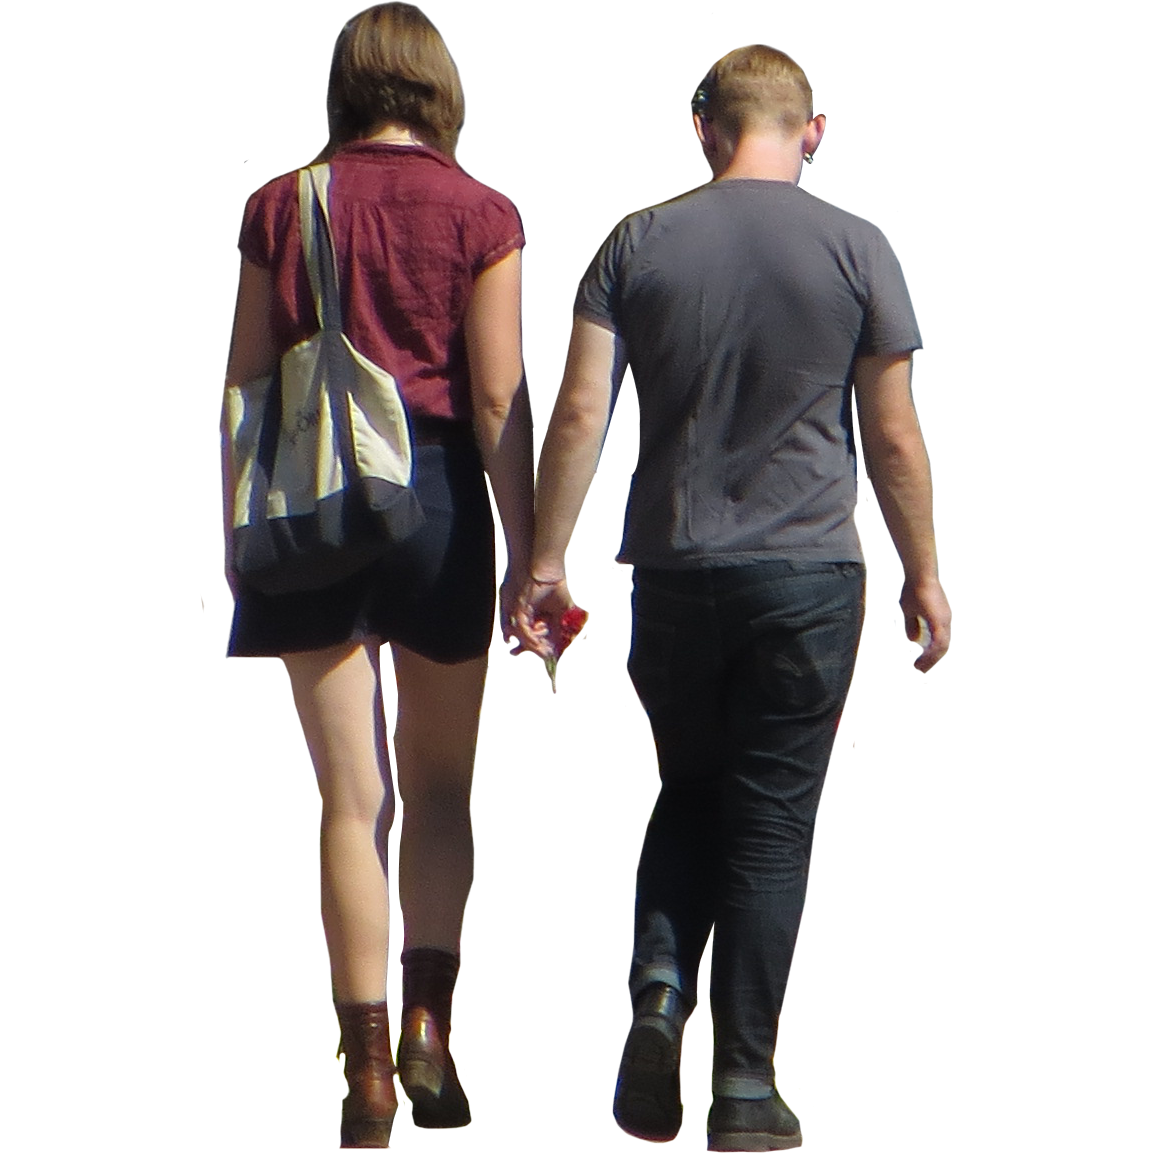 ��� ��� ��� � �walking people png�� people